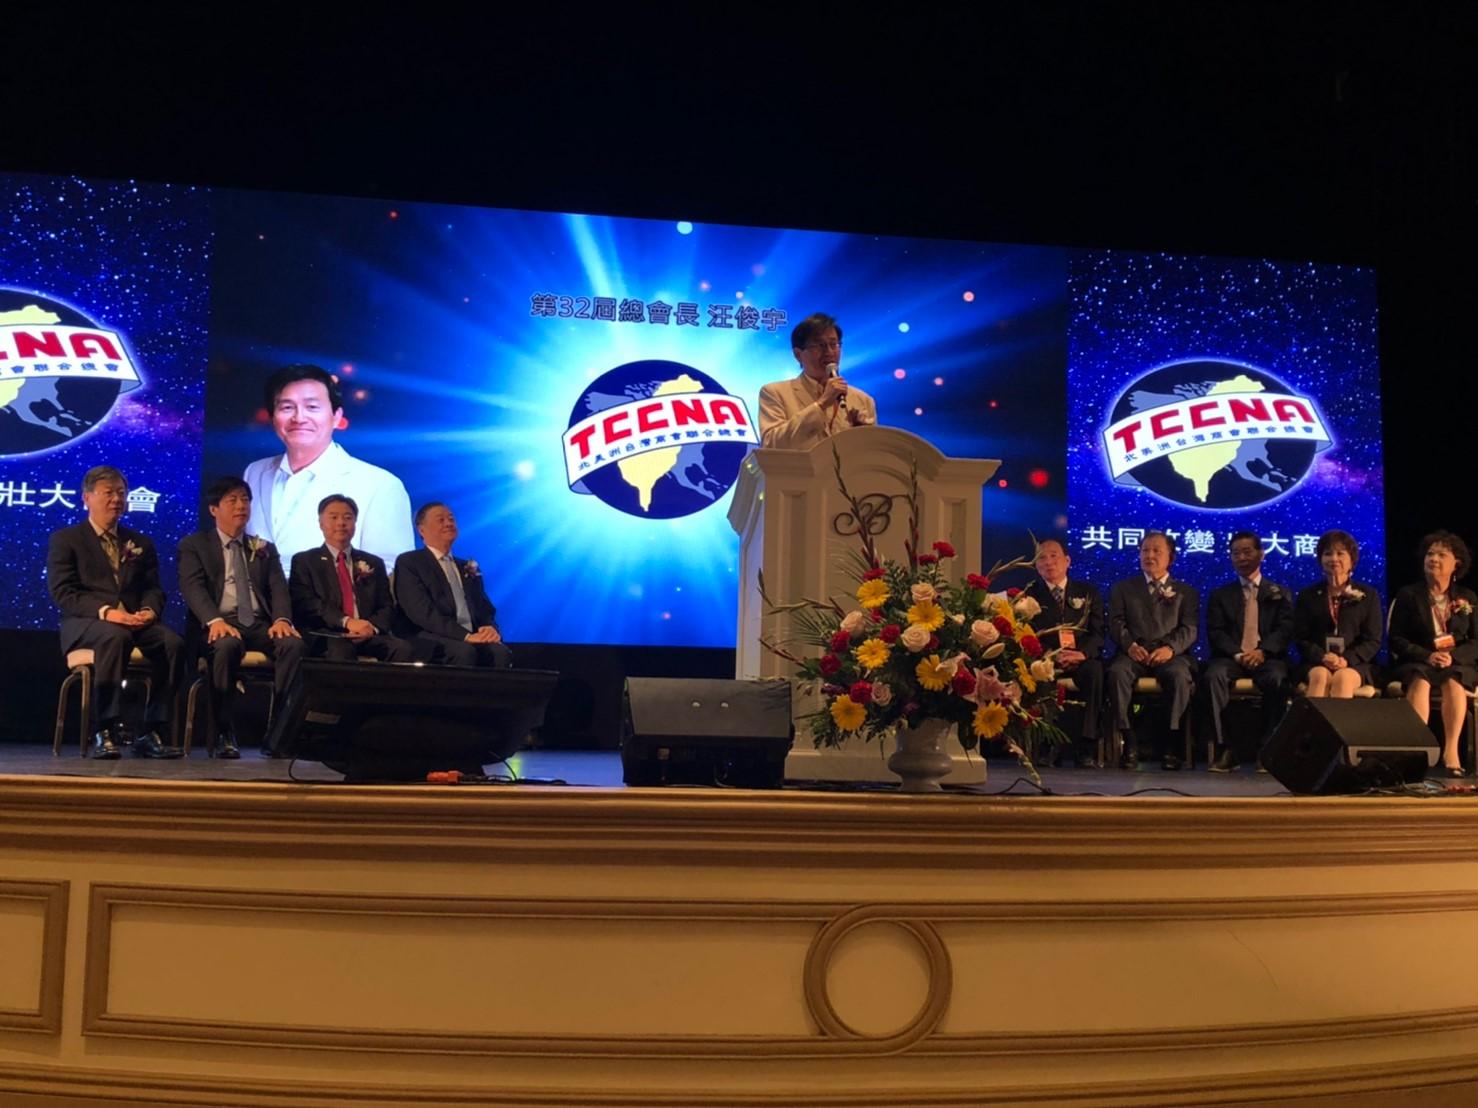 第32屆第2次理監事會議 Opening Ceremony 開幕典禮